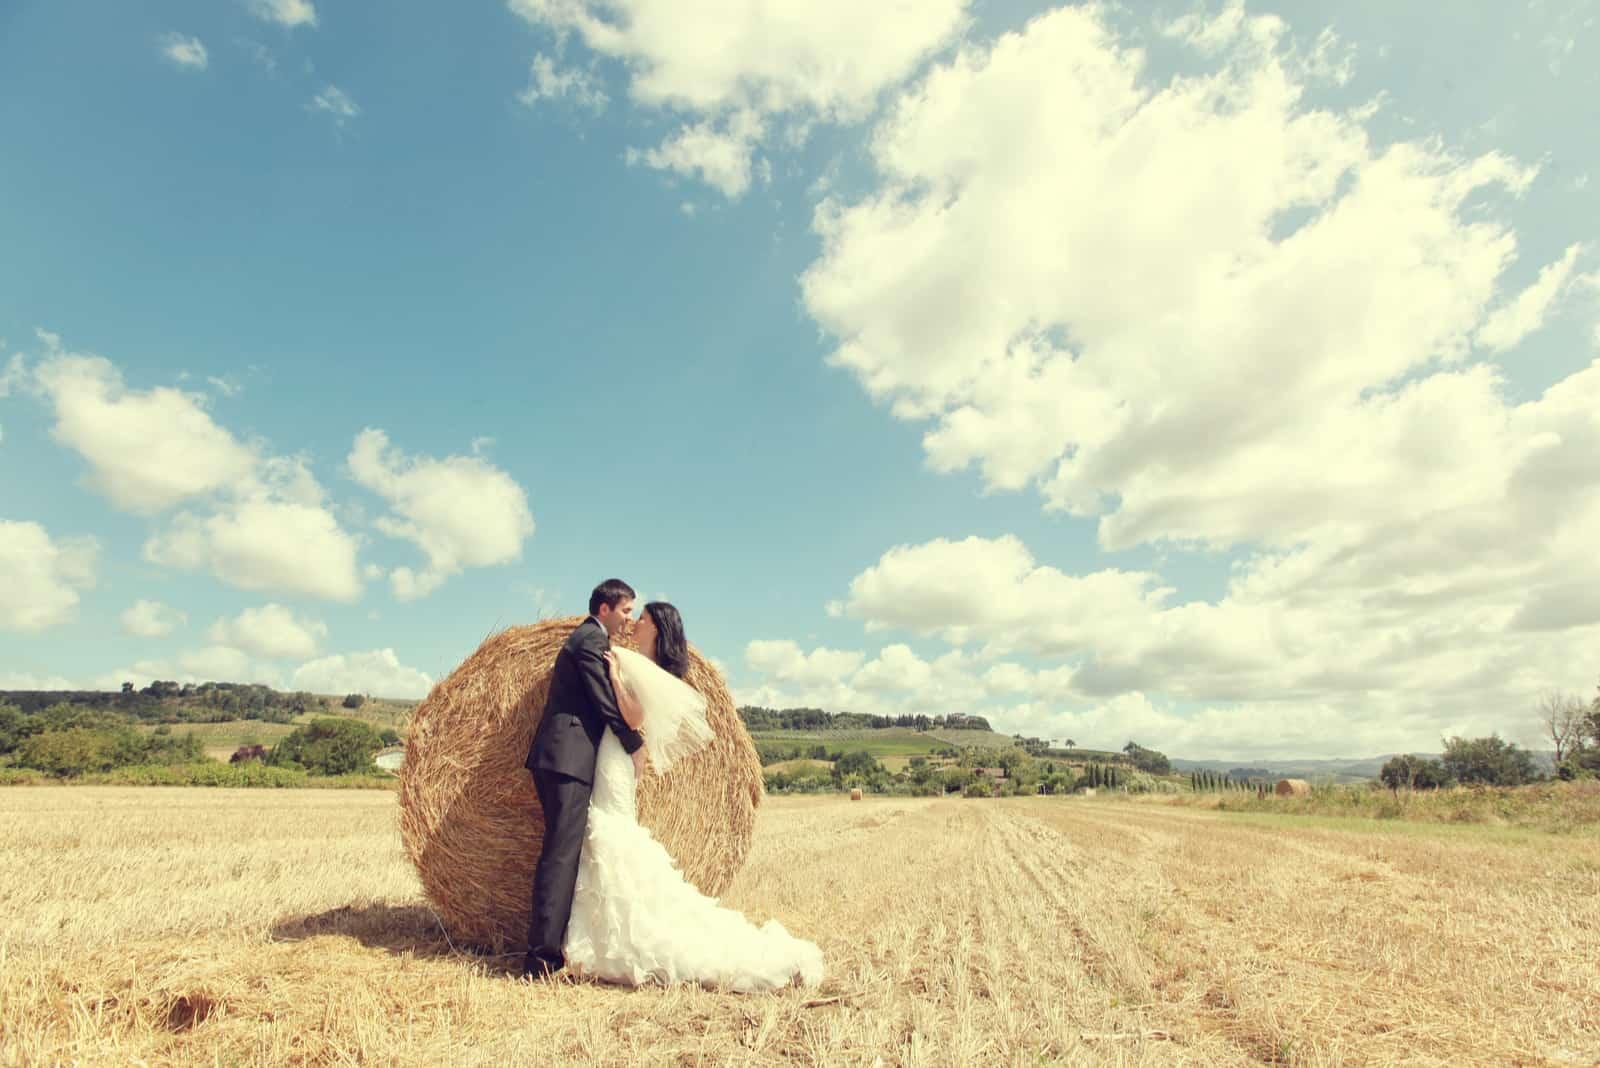 Braut und Bräutigam küssen in einem Weizenfeld